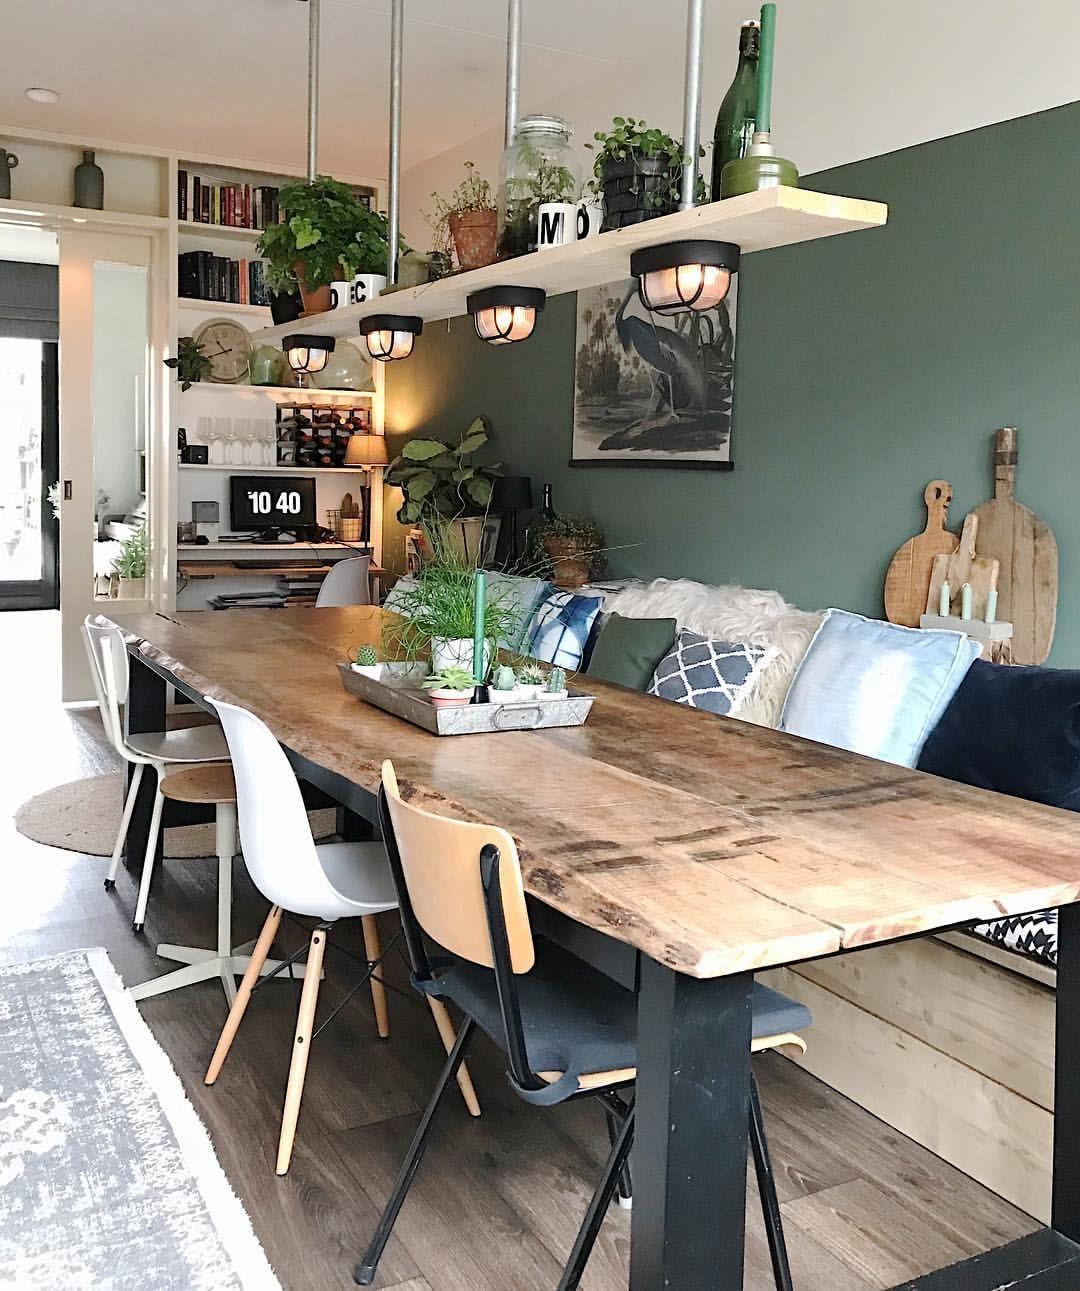 Pin von Lidija Crncic auf Wohnzimmer | Pinterest | Esszimmer ...